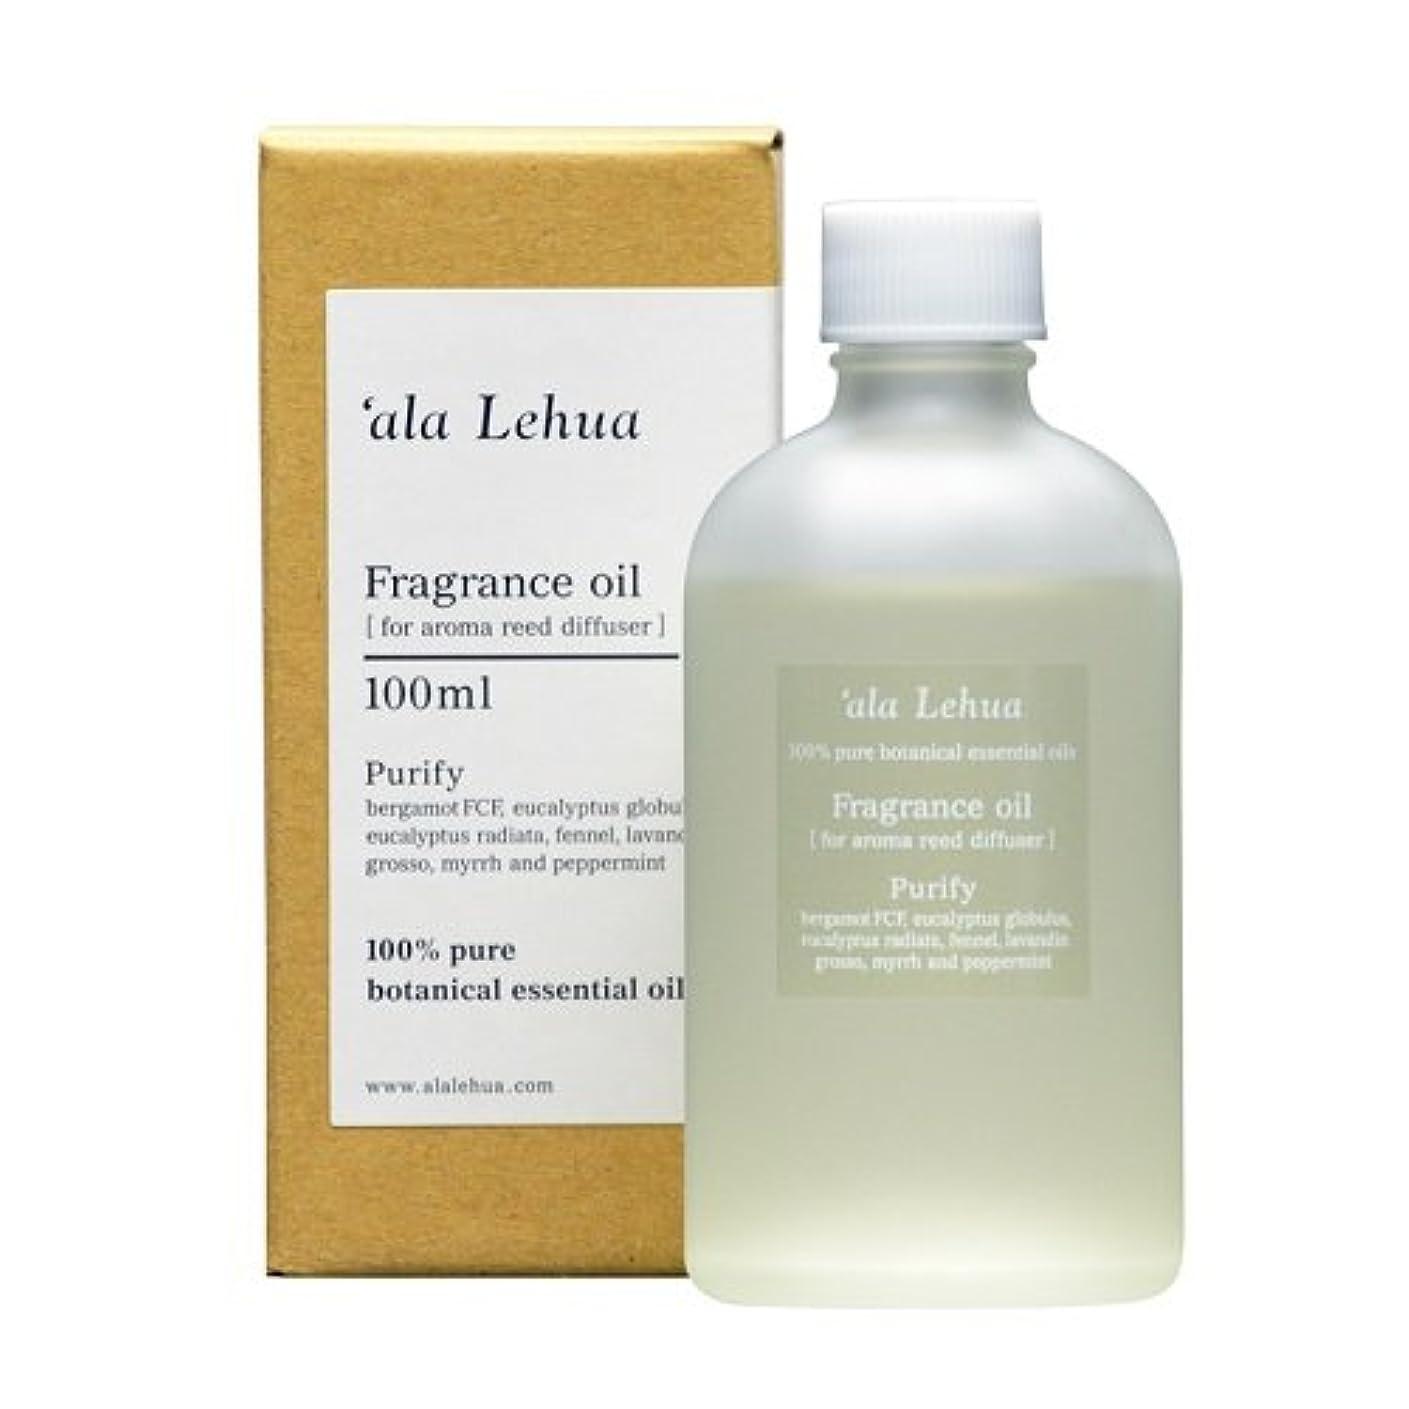 日の出飾る優先フレーバーライフ(Flavor Life) `ala Lehua (アラレフア) アロマリードディフューザー フレグランスオイル 100ml purify(ピュリファイ)